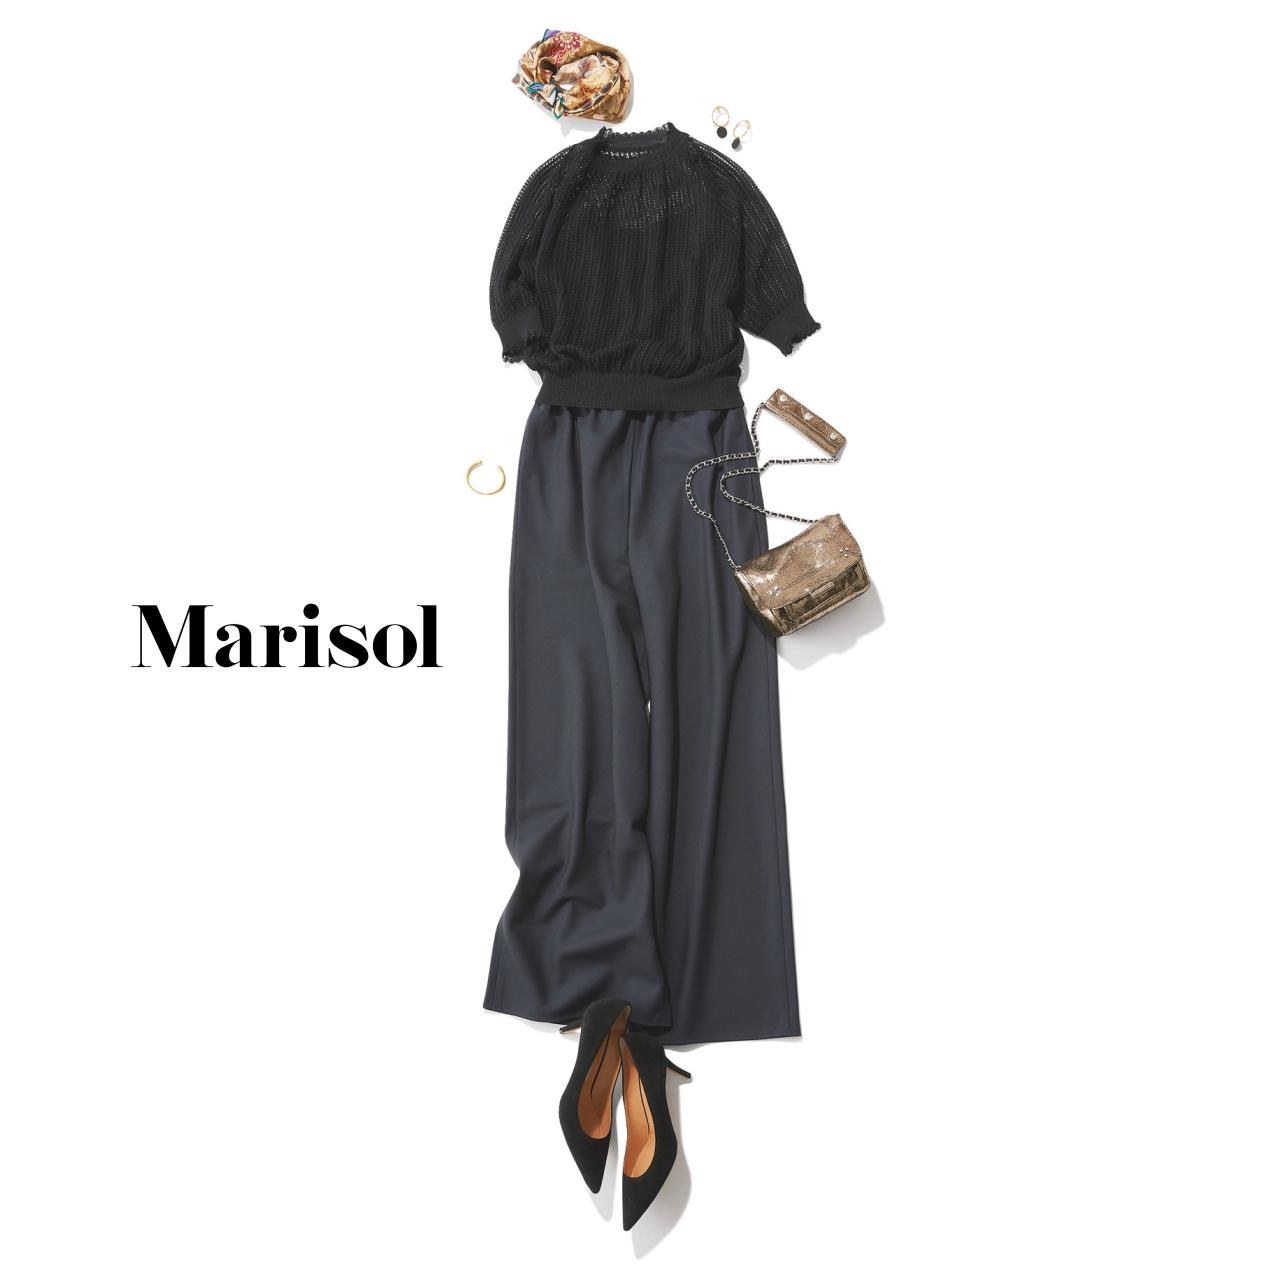 40代ファッション 黒シースルーニット×ワイドパンツコーデ